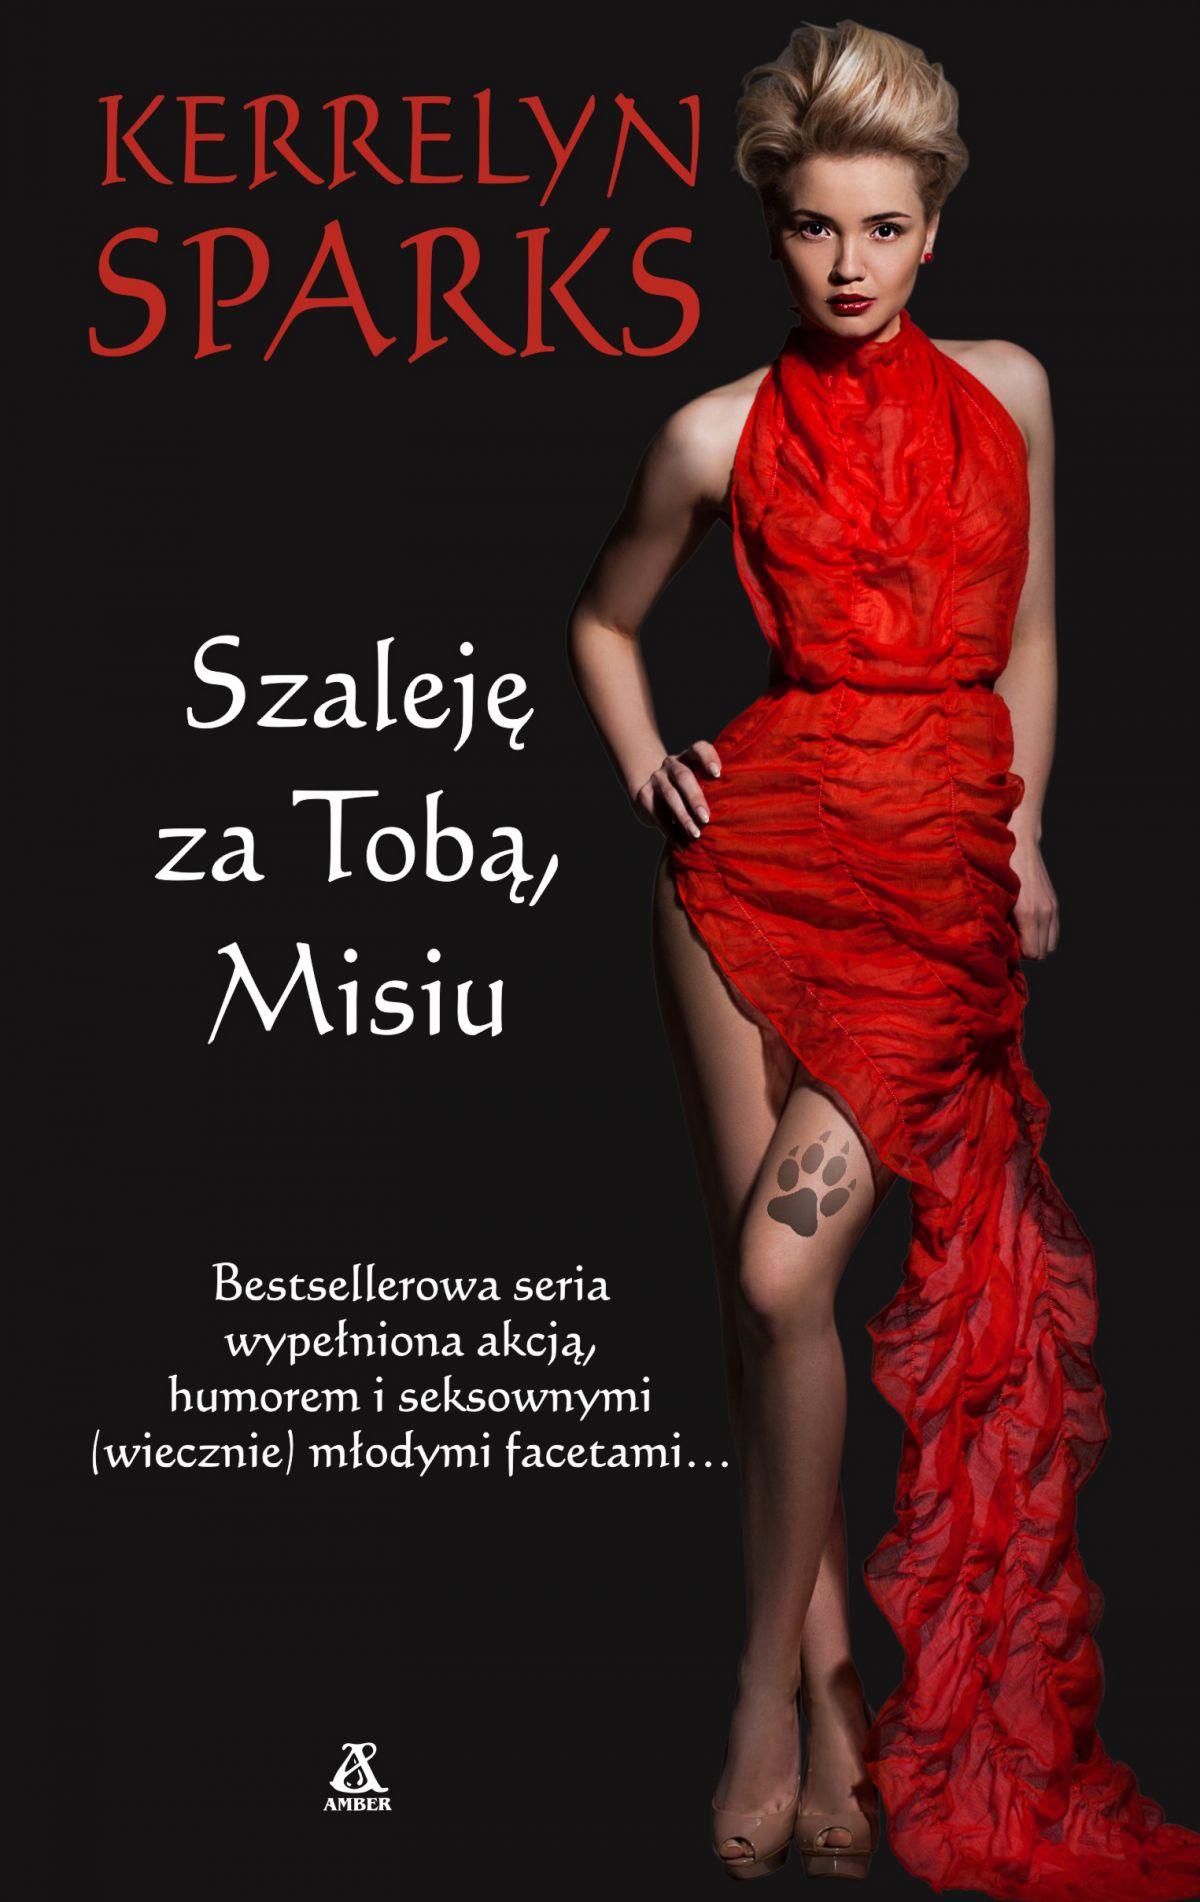 Szaleję za Tobą, Misiu - Ebook (Książka na Kindle) do pobrania w formacie MOBI